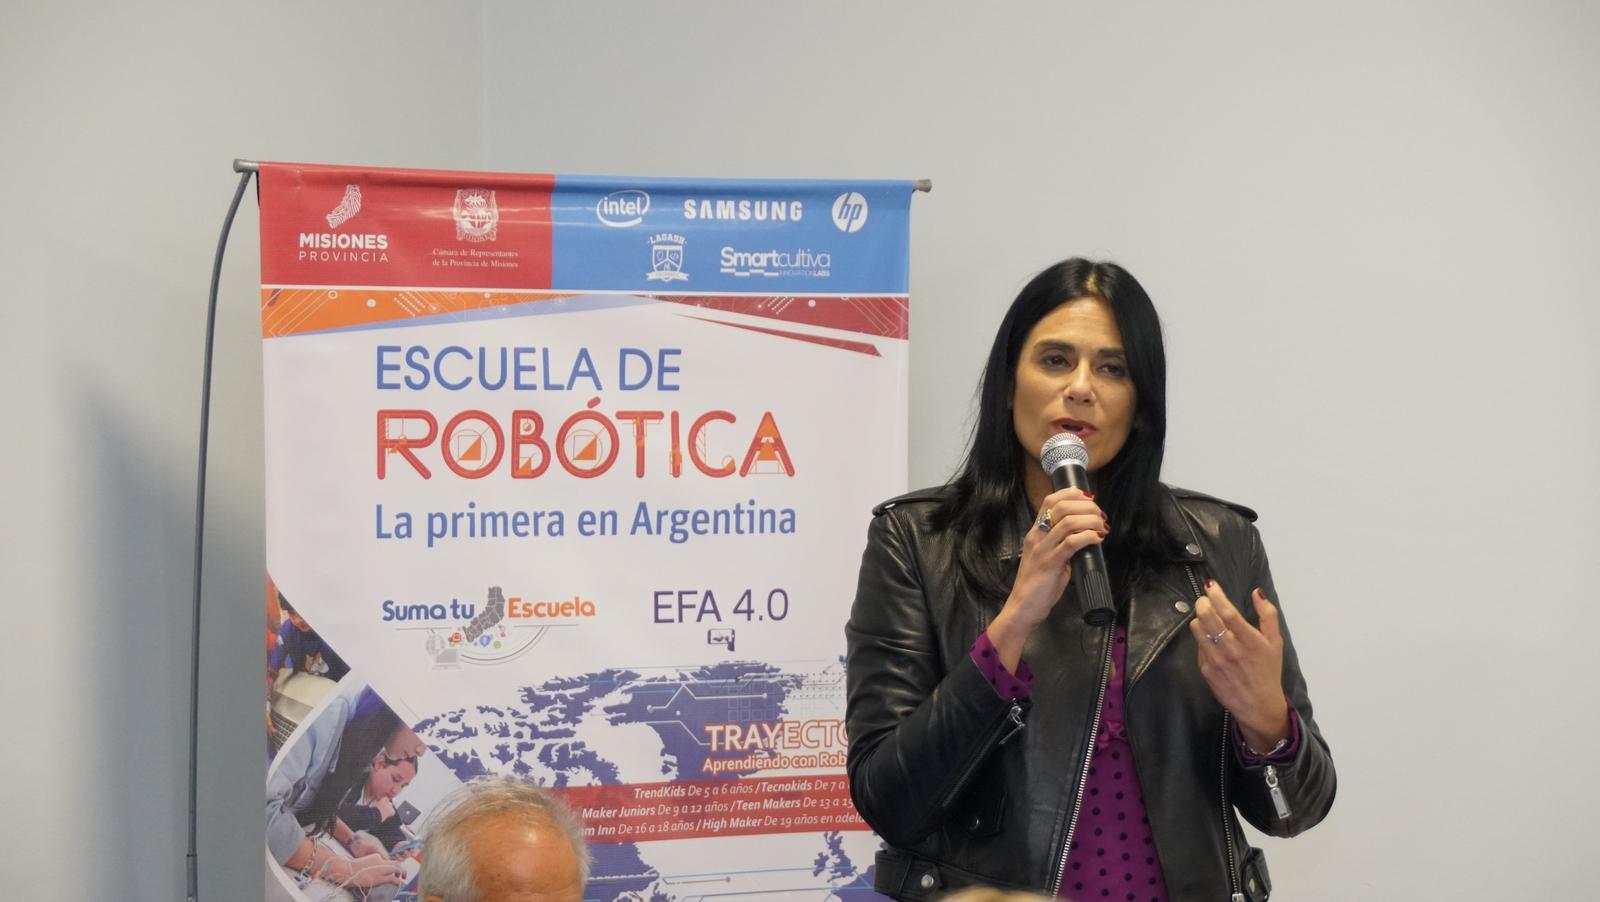 Educación disruptiva: La Escuela de Robótica de Misiones presentó su libro